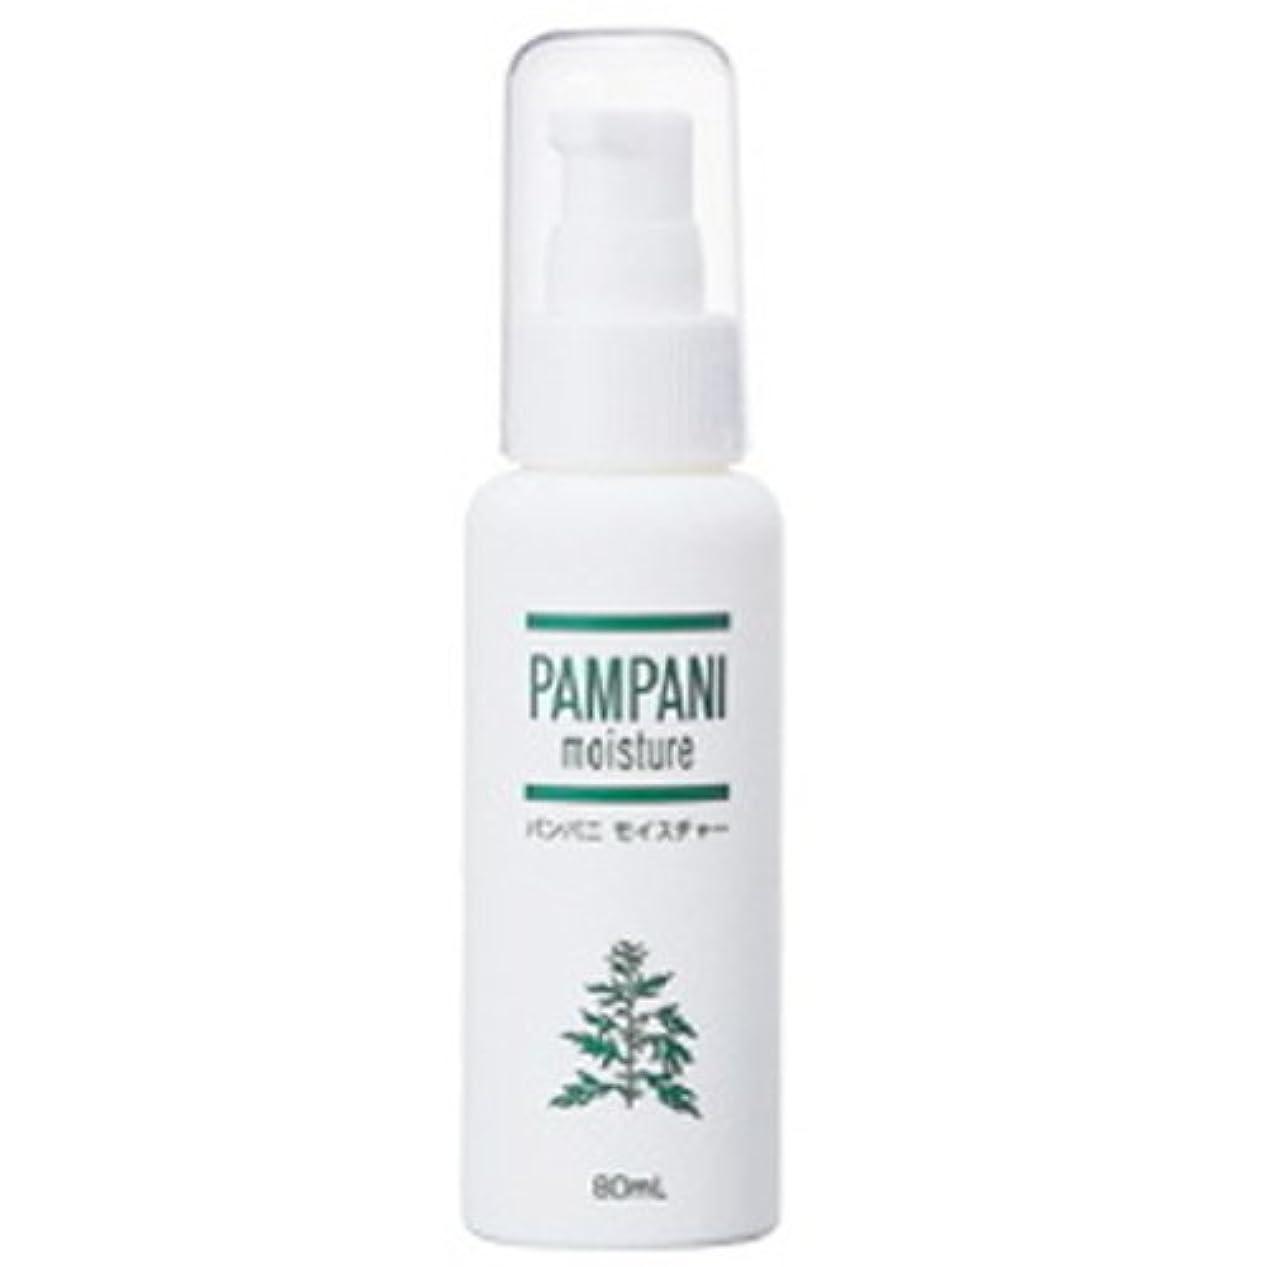 ラボ和解する木パンパニ(PAMPANI) モイスチャー 80ml